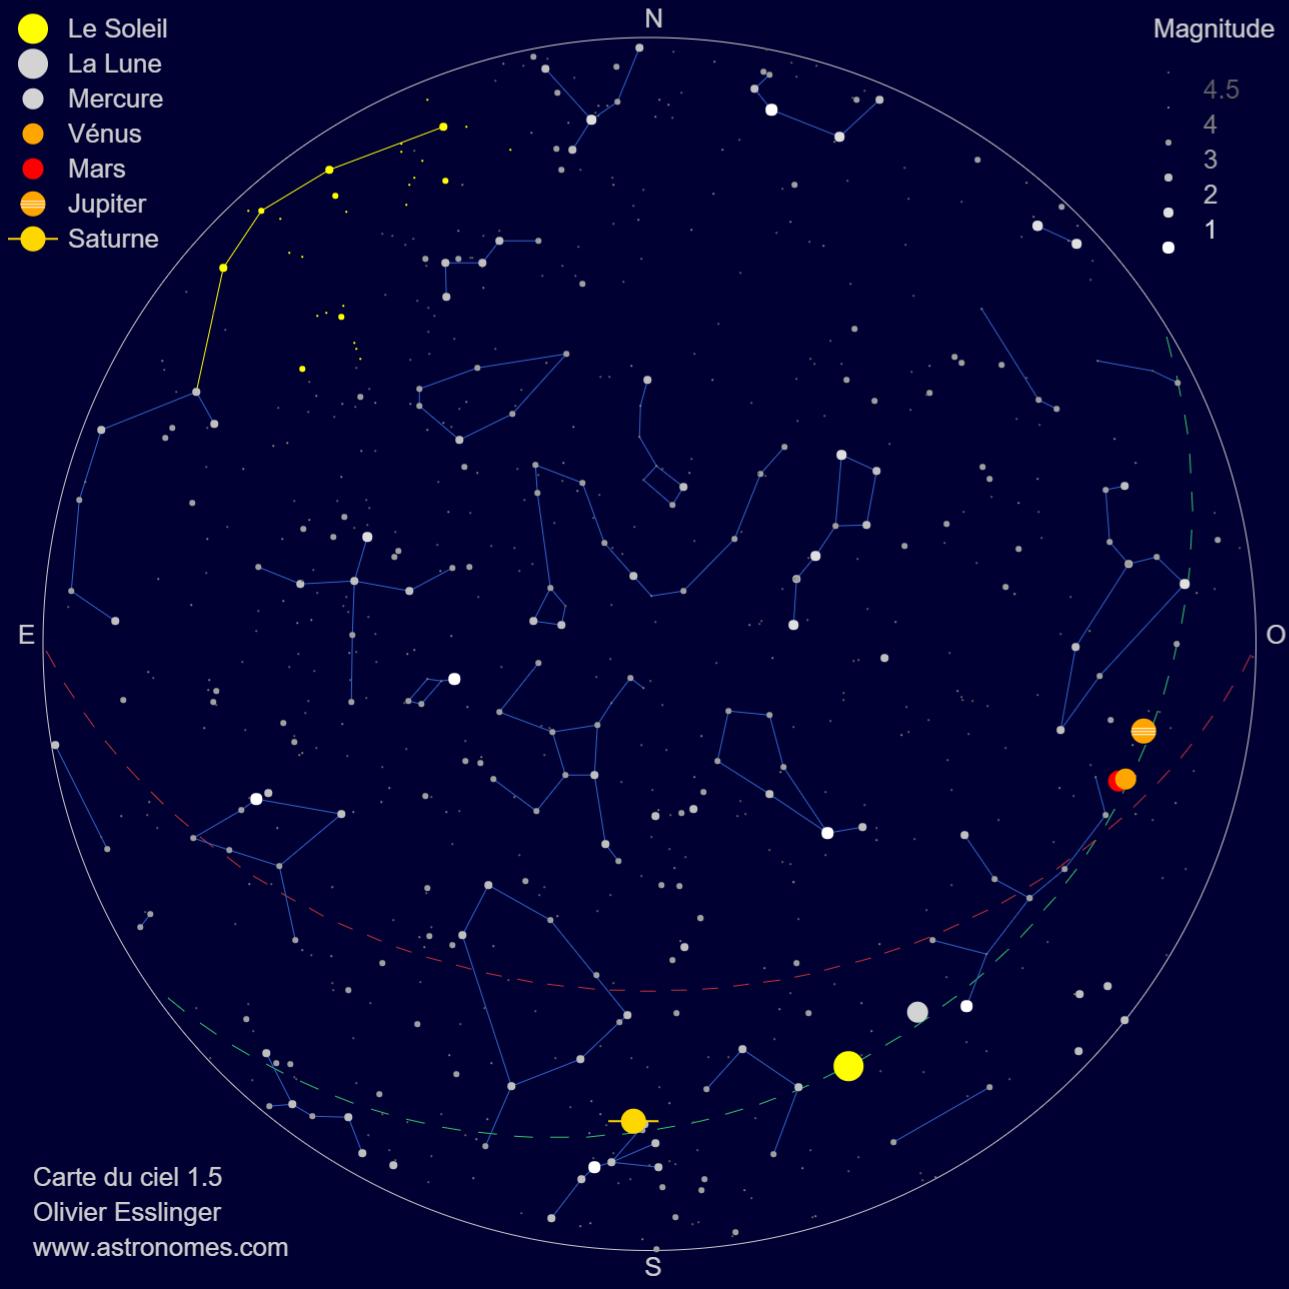 la carte du ciel Carte du ciel | Carte du ciel, Ciel, Carte